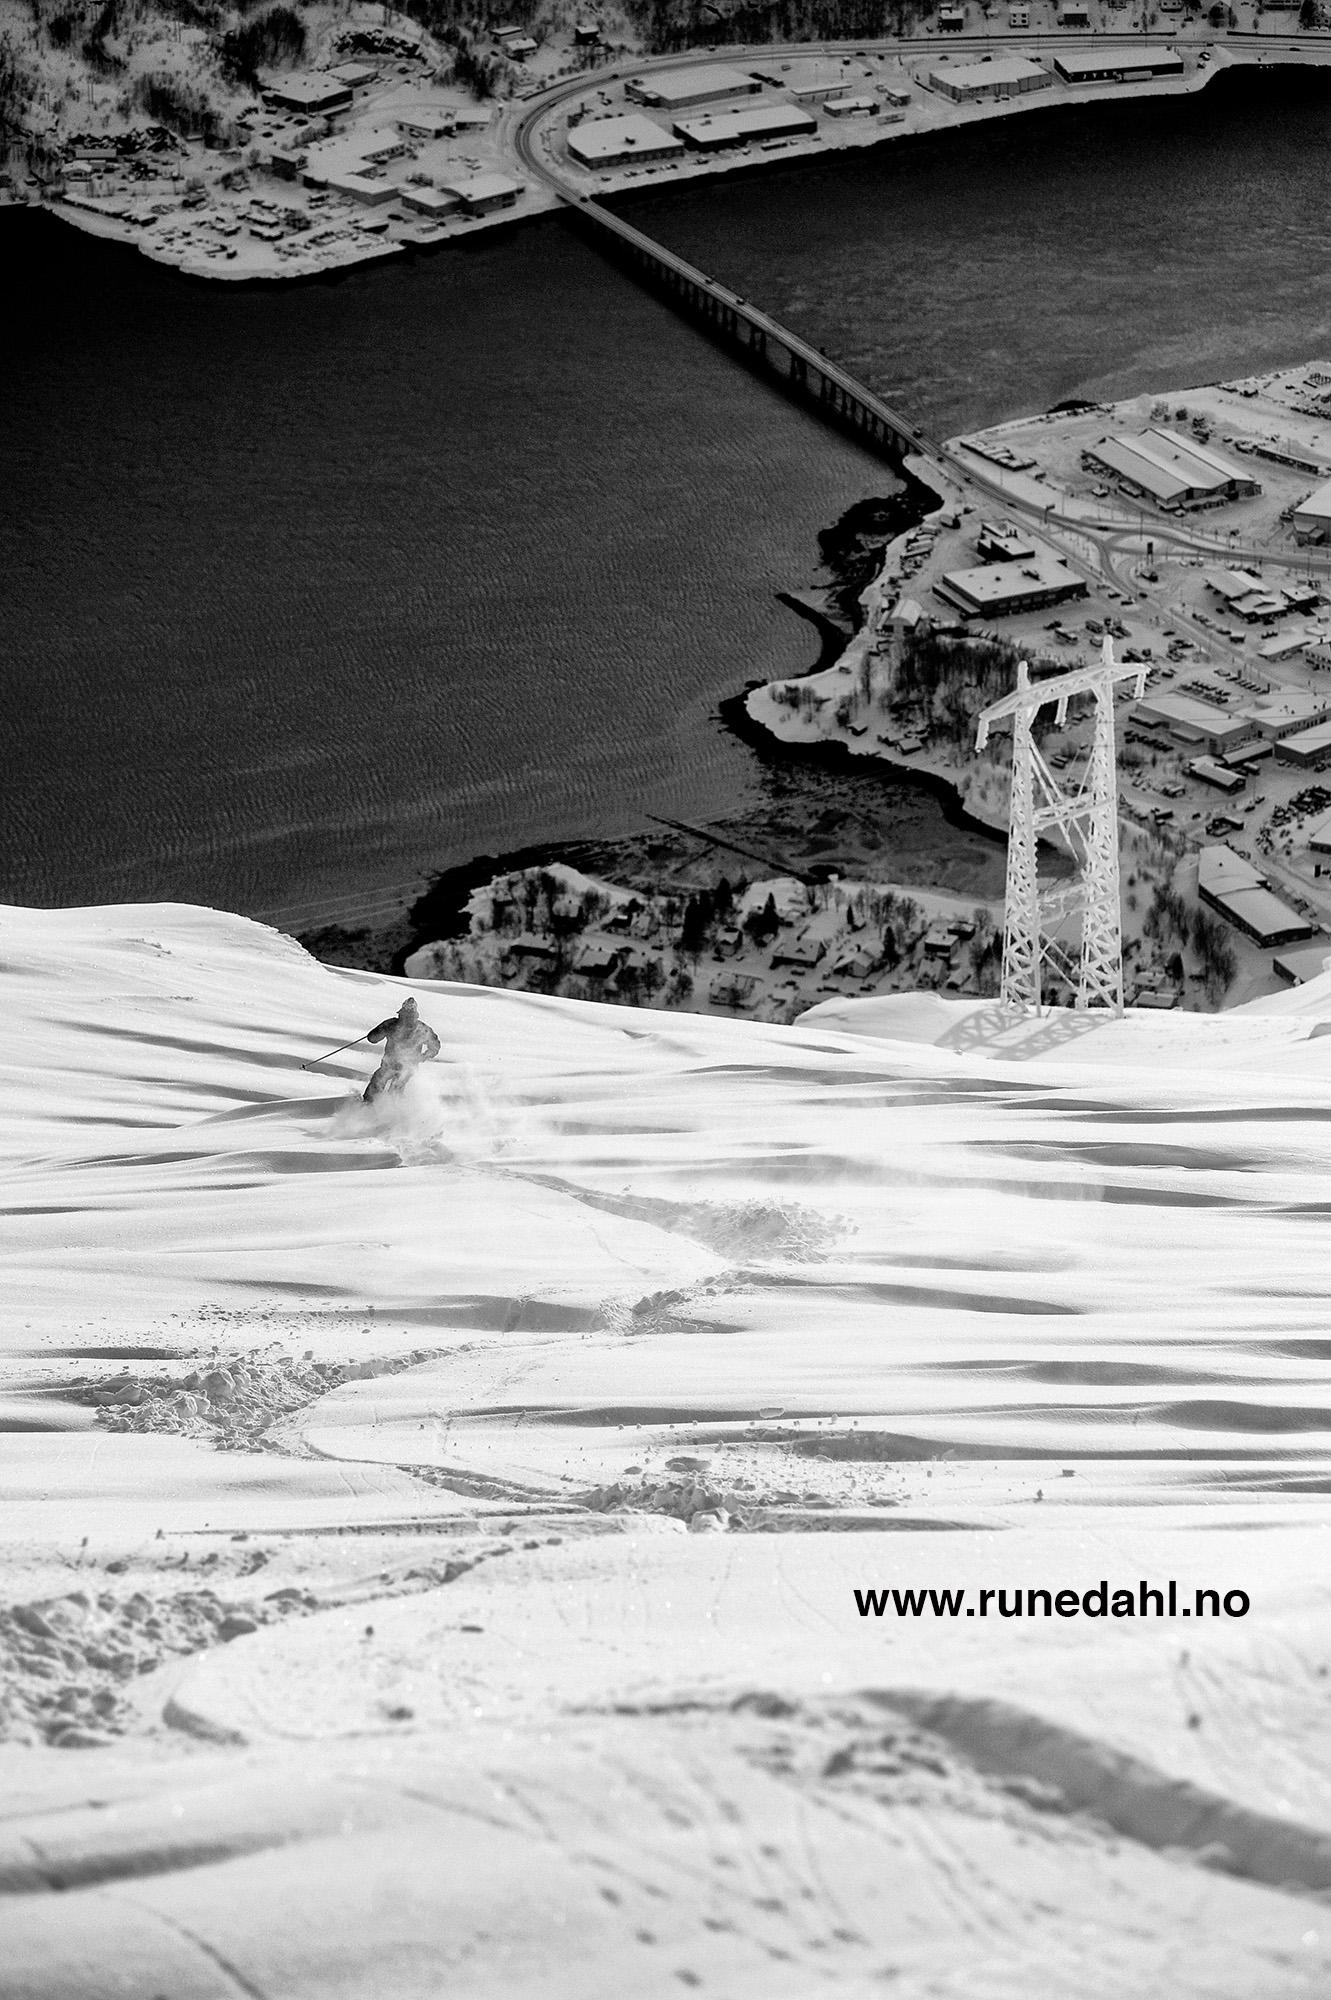 Det er slike forhold vi kan forvente oss i Narvikfjellet til helgen. Foto: Rune Dahl